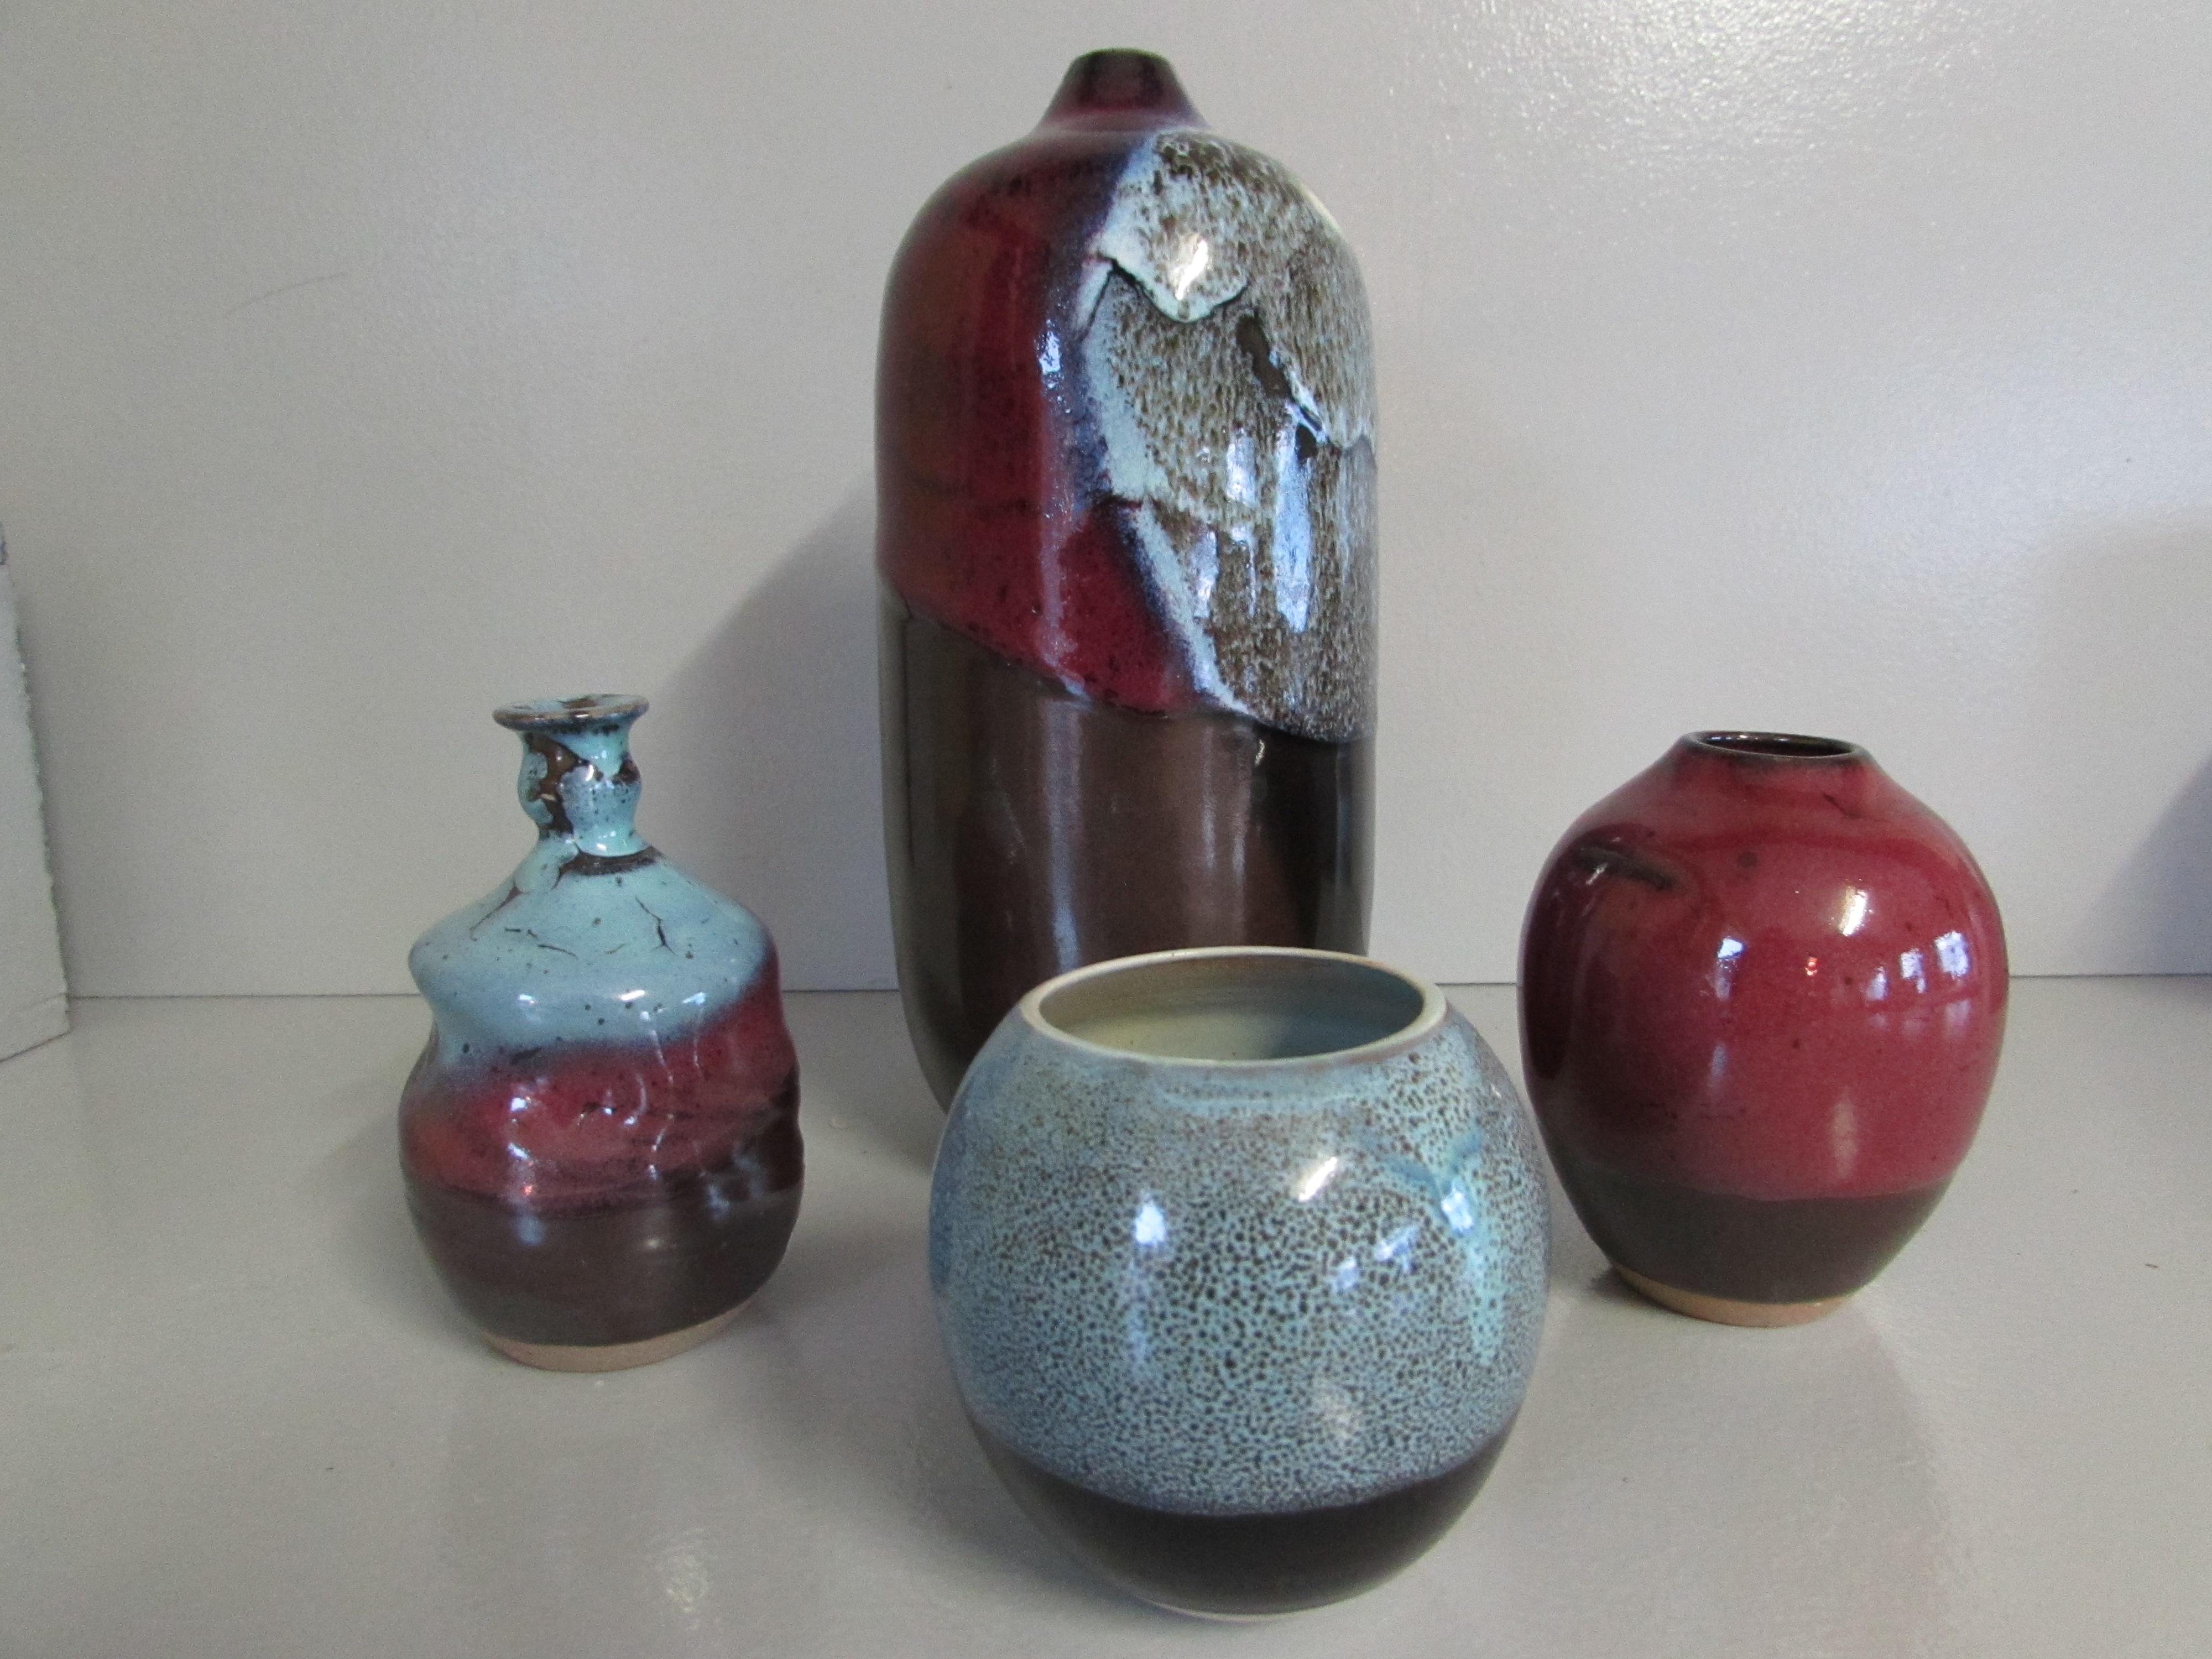 Soliflore-bouteille et petits vases